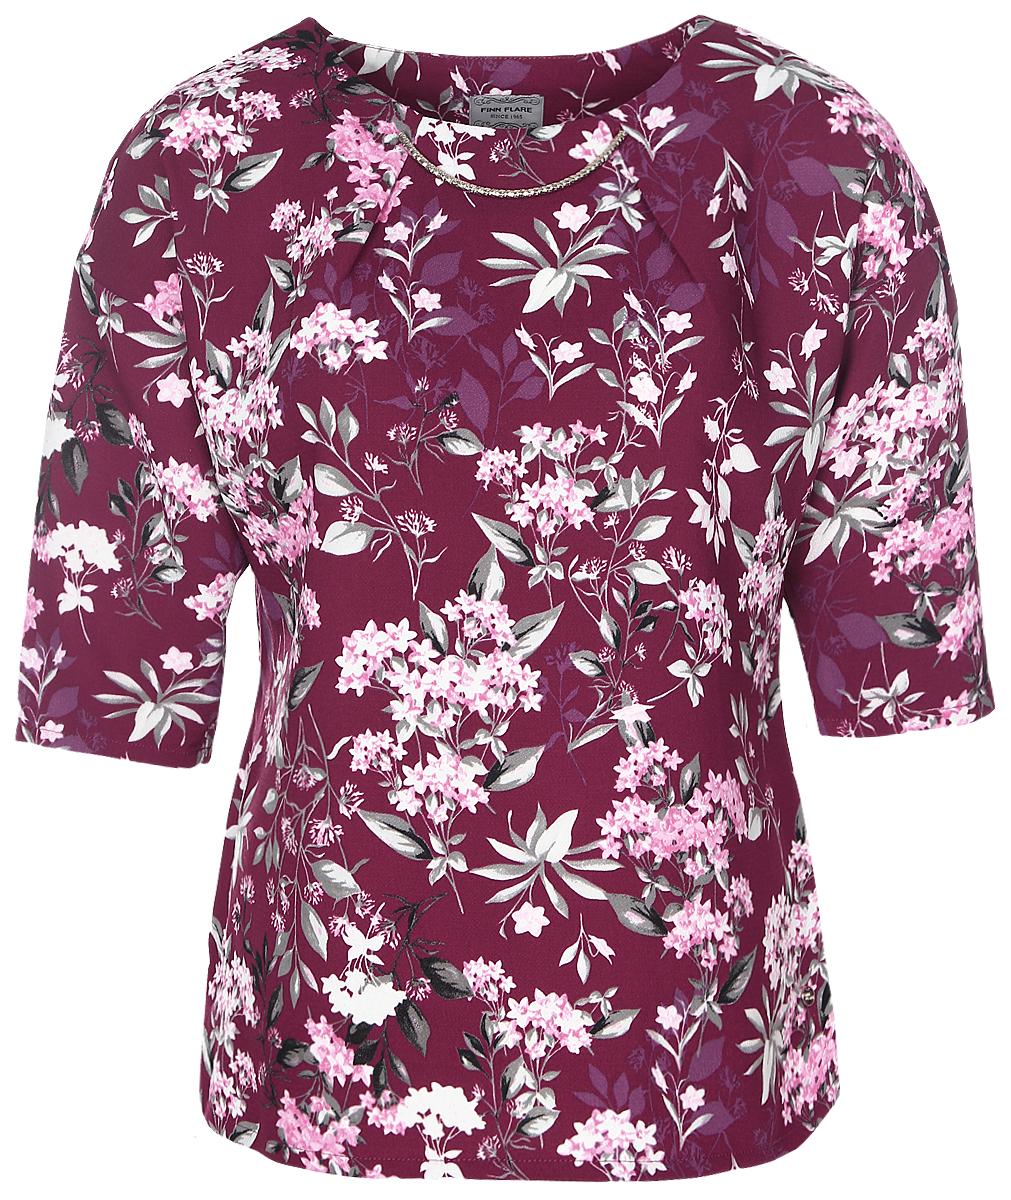 куртка женская finn flare цвет светло серый b17 12018 210 размер l 48 Блузка женская Finn Flare, цвет: бургундский. B17-11075_350. Размер L (48)